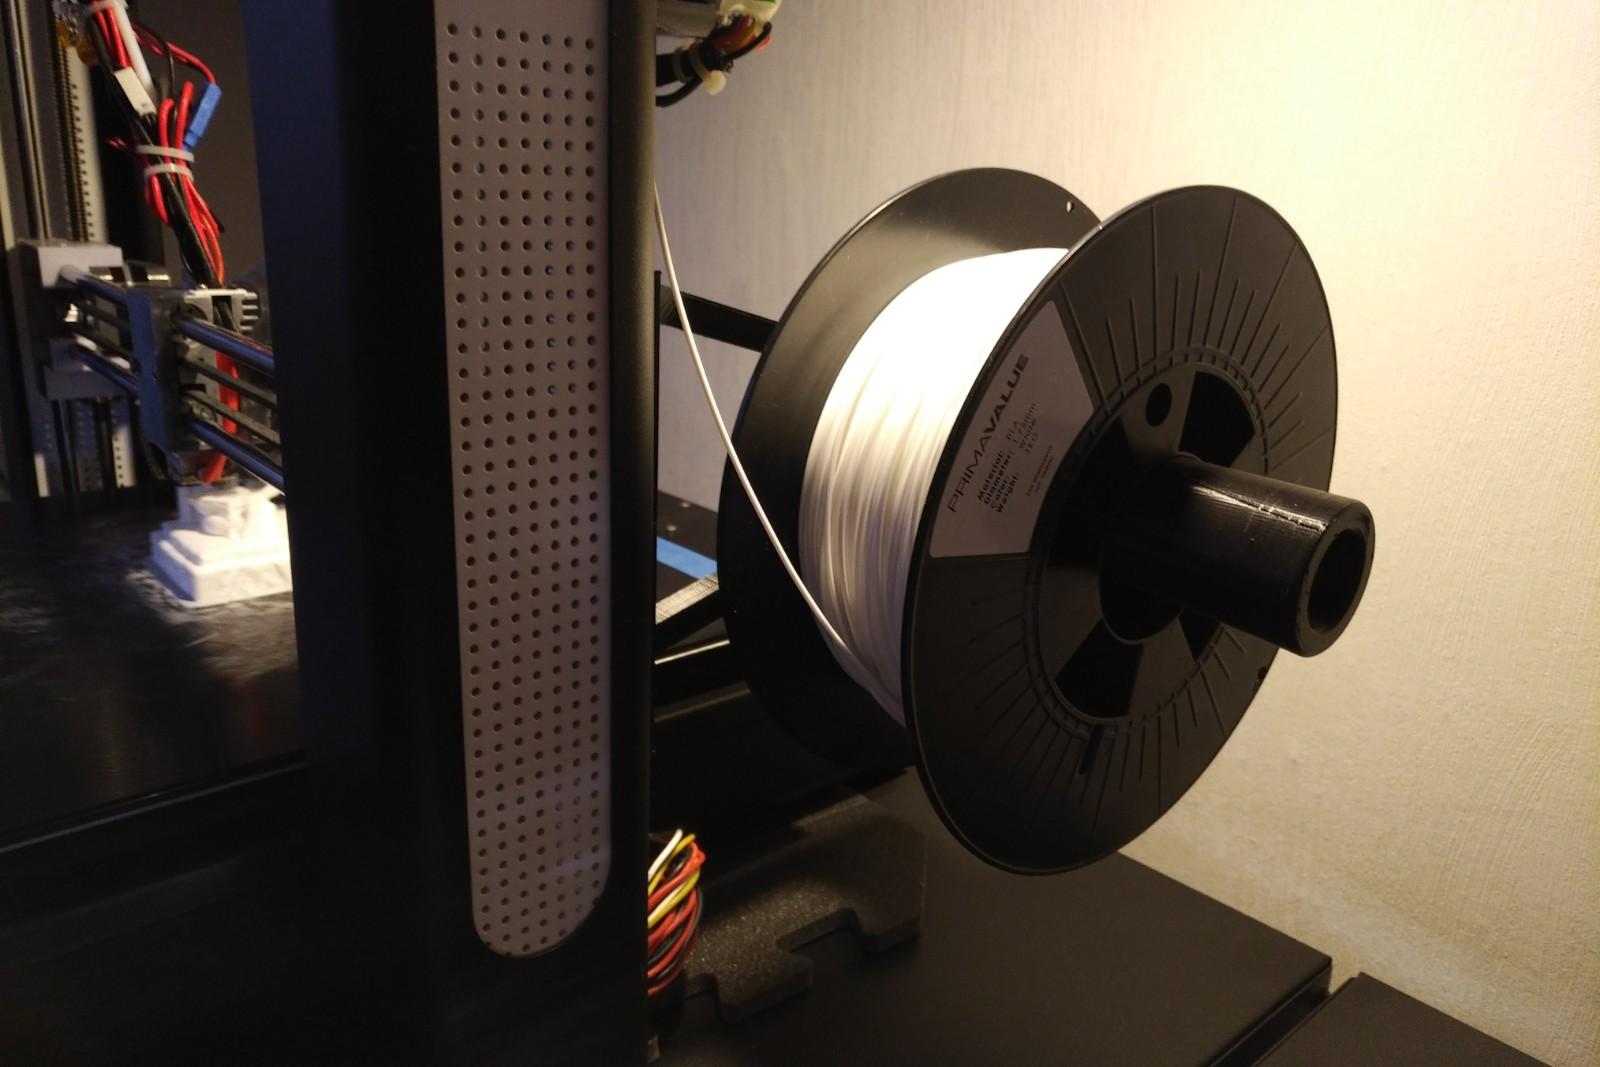 JG-spholder.jpg Download free STL file JGAurora spoolholder v2 (updated) • 3D printer design, TimBauer-TB3Dprint